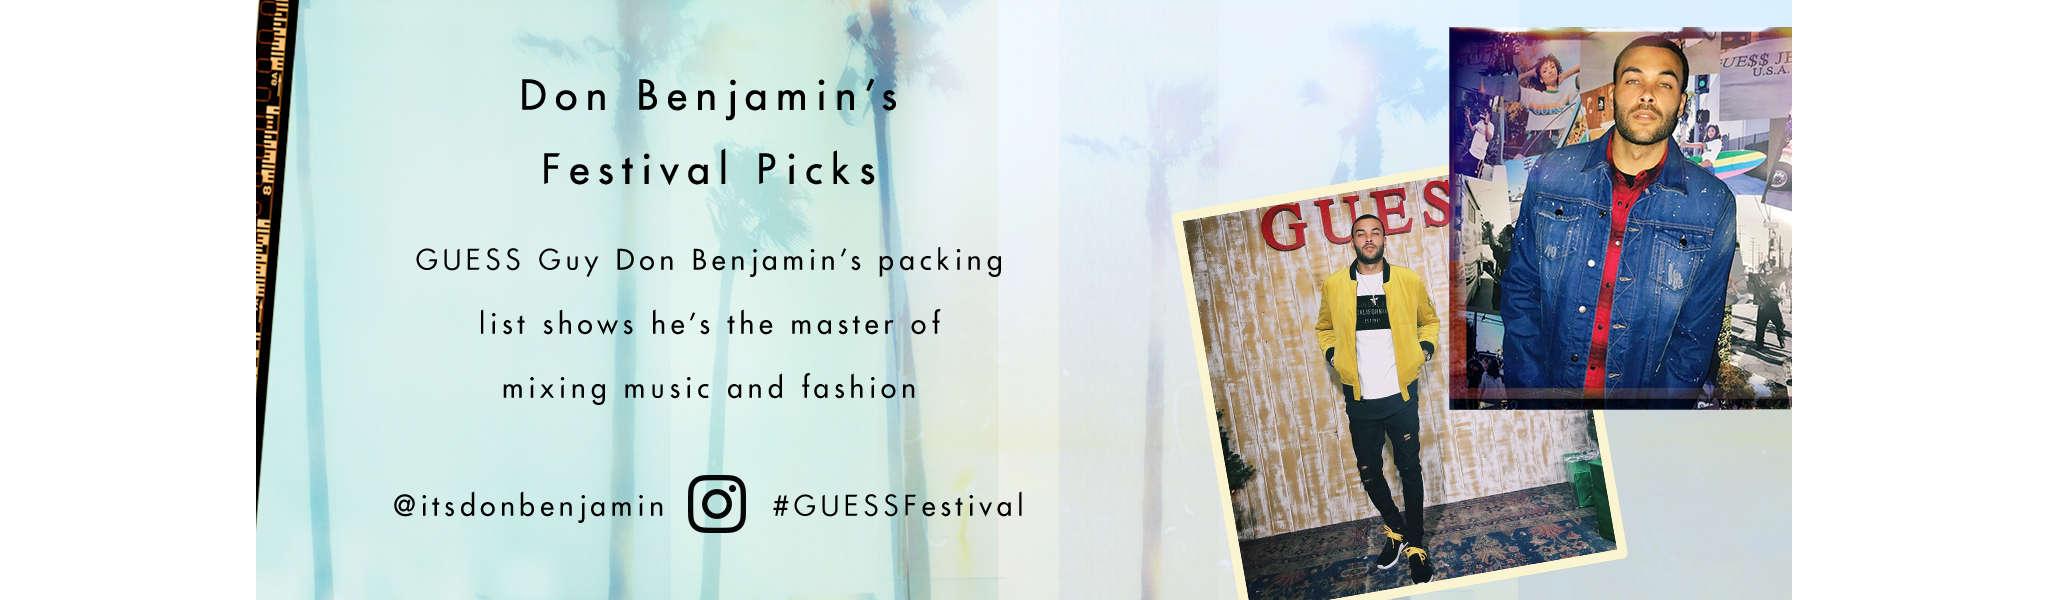 Don Benjamin's Festival Picks